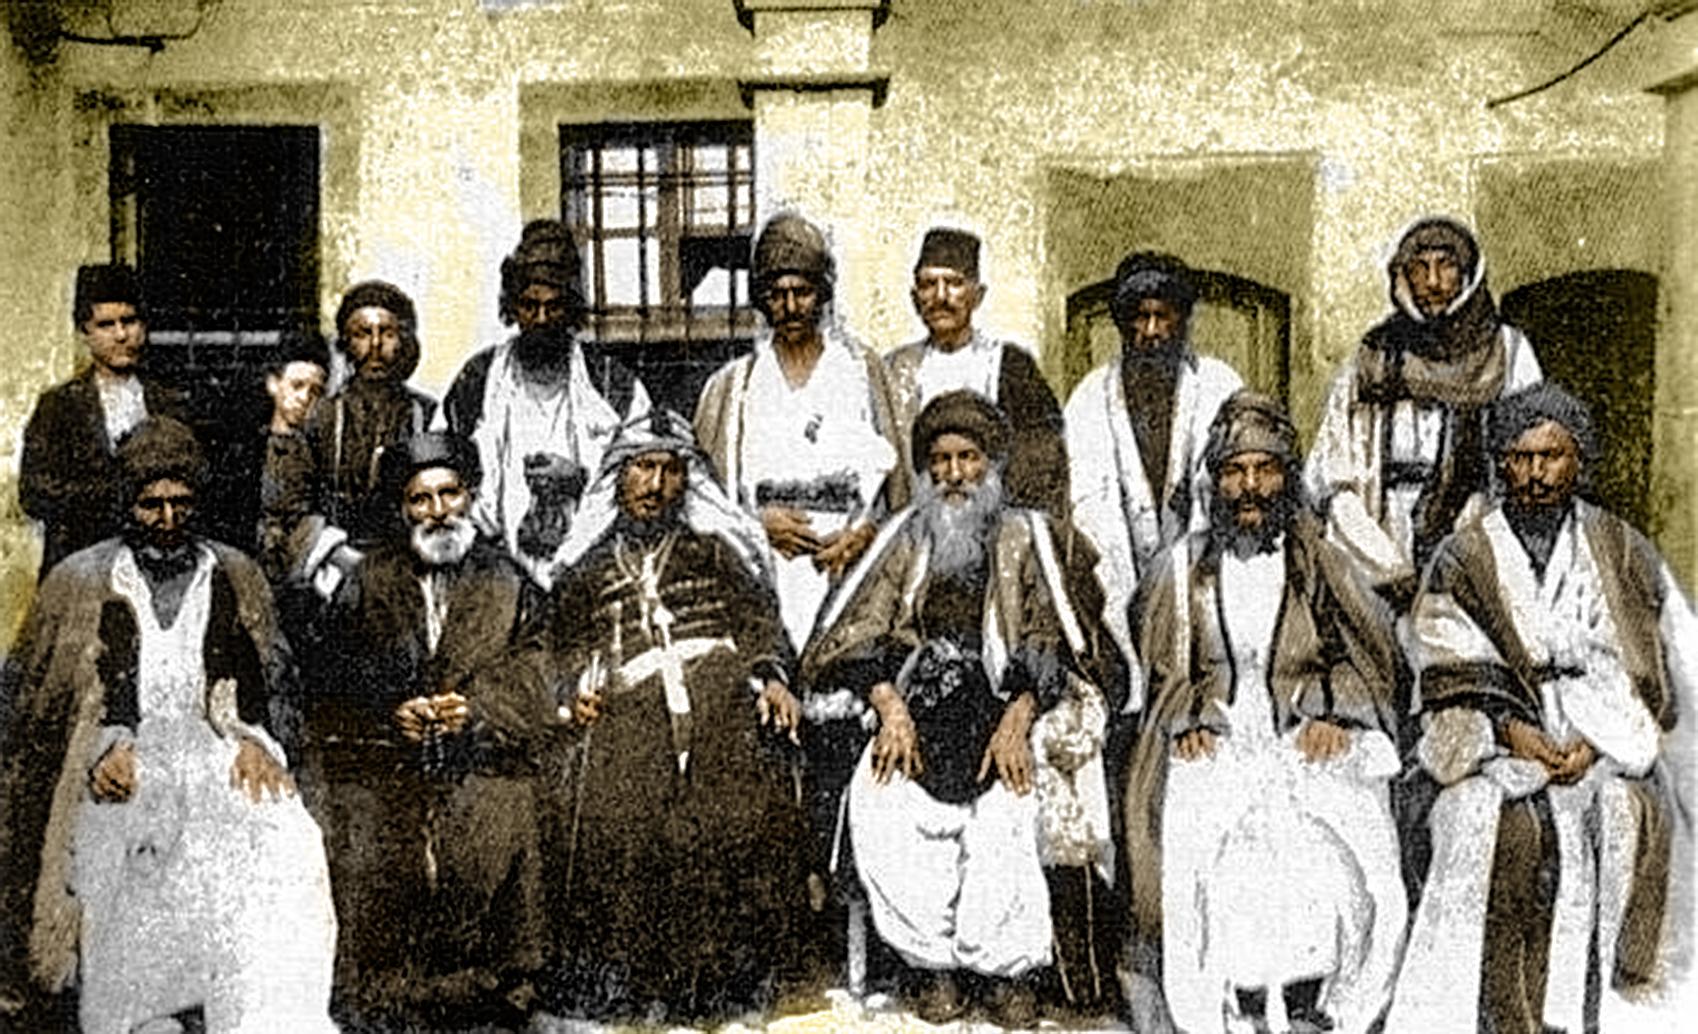 Treffen êzîdîscher und chaldäischer Kleriker Ende des 19./Anfang 20. Jahrhunderts in Ninawa